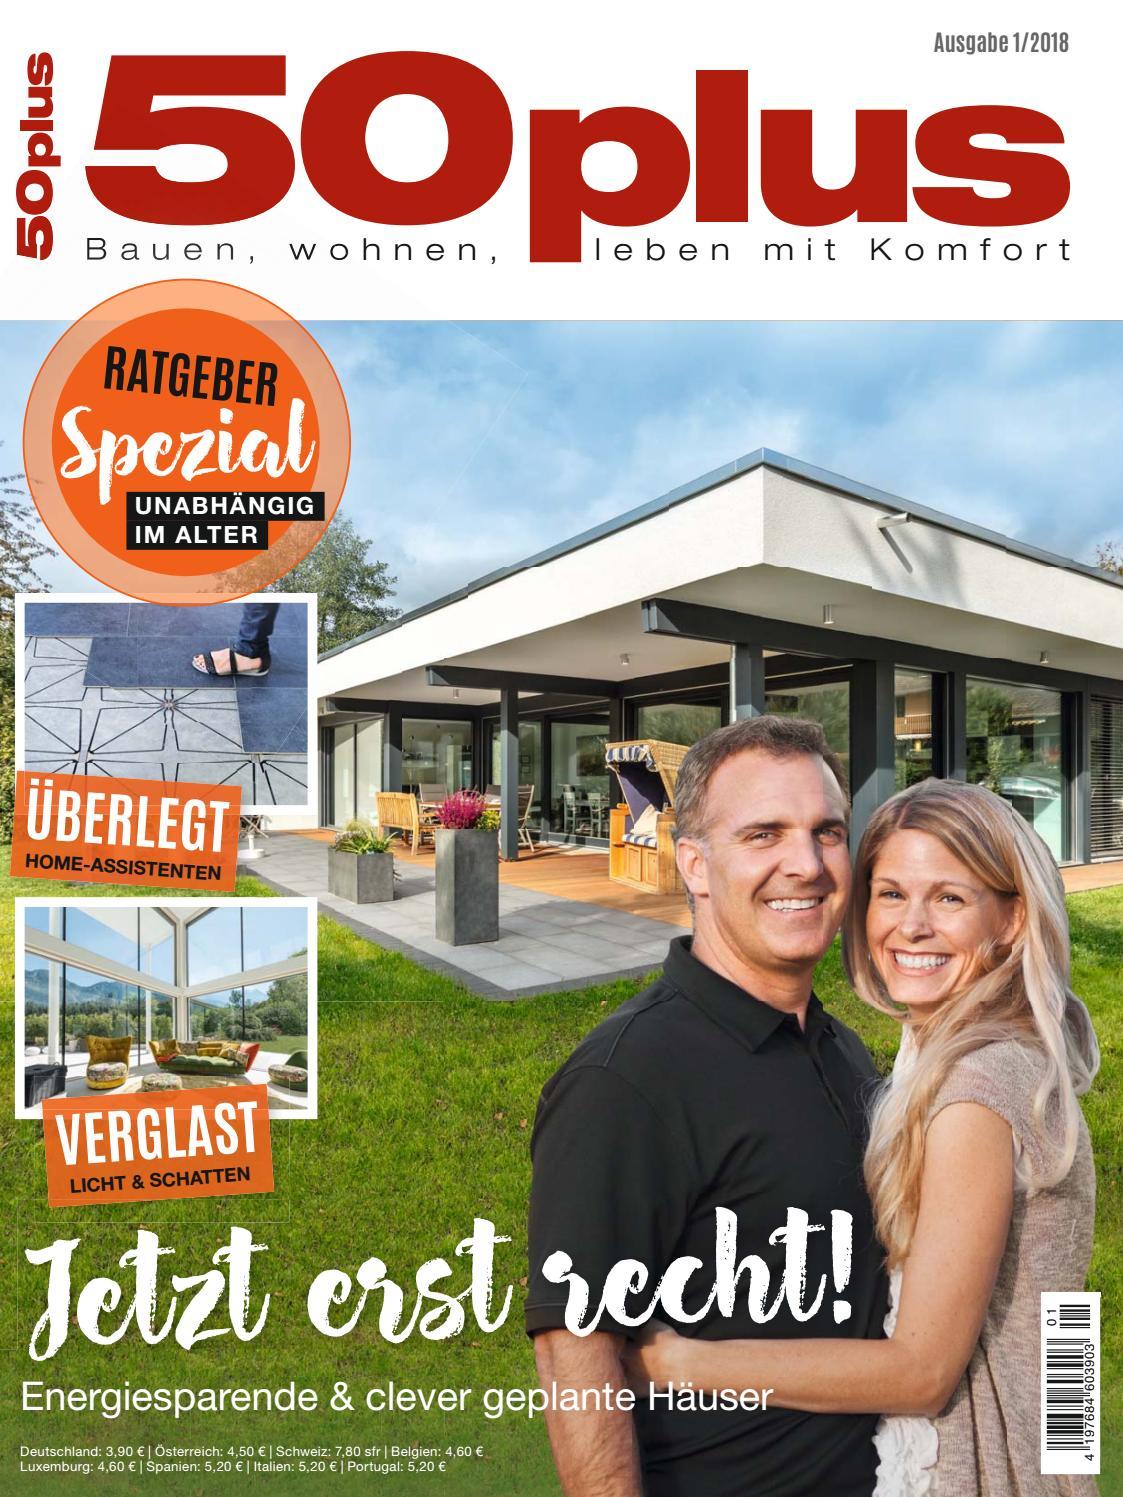 italienische Ausgabe Uncassandra #01 140644 Neue Quell Sommer Durst GroßZüGig